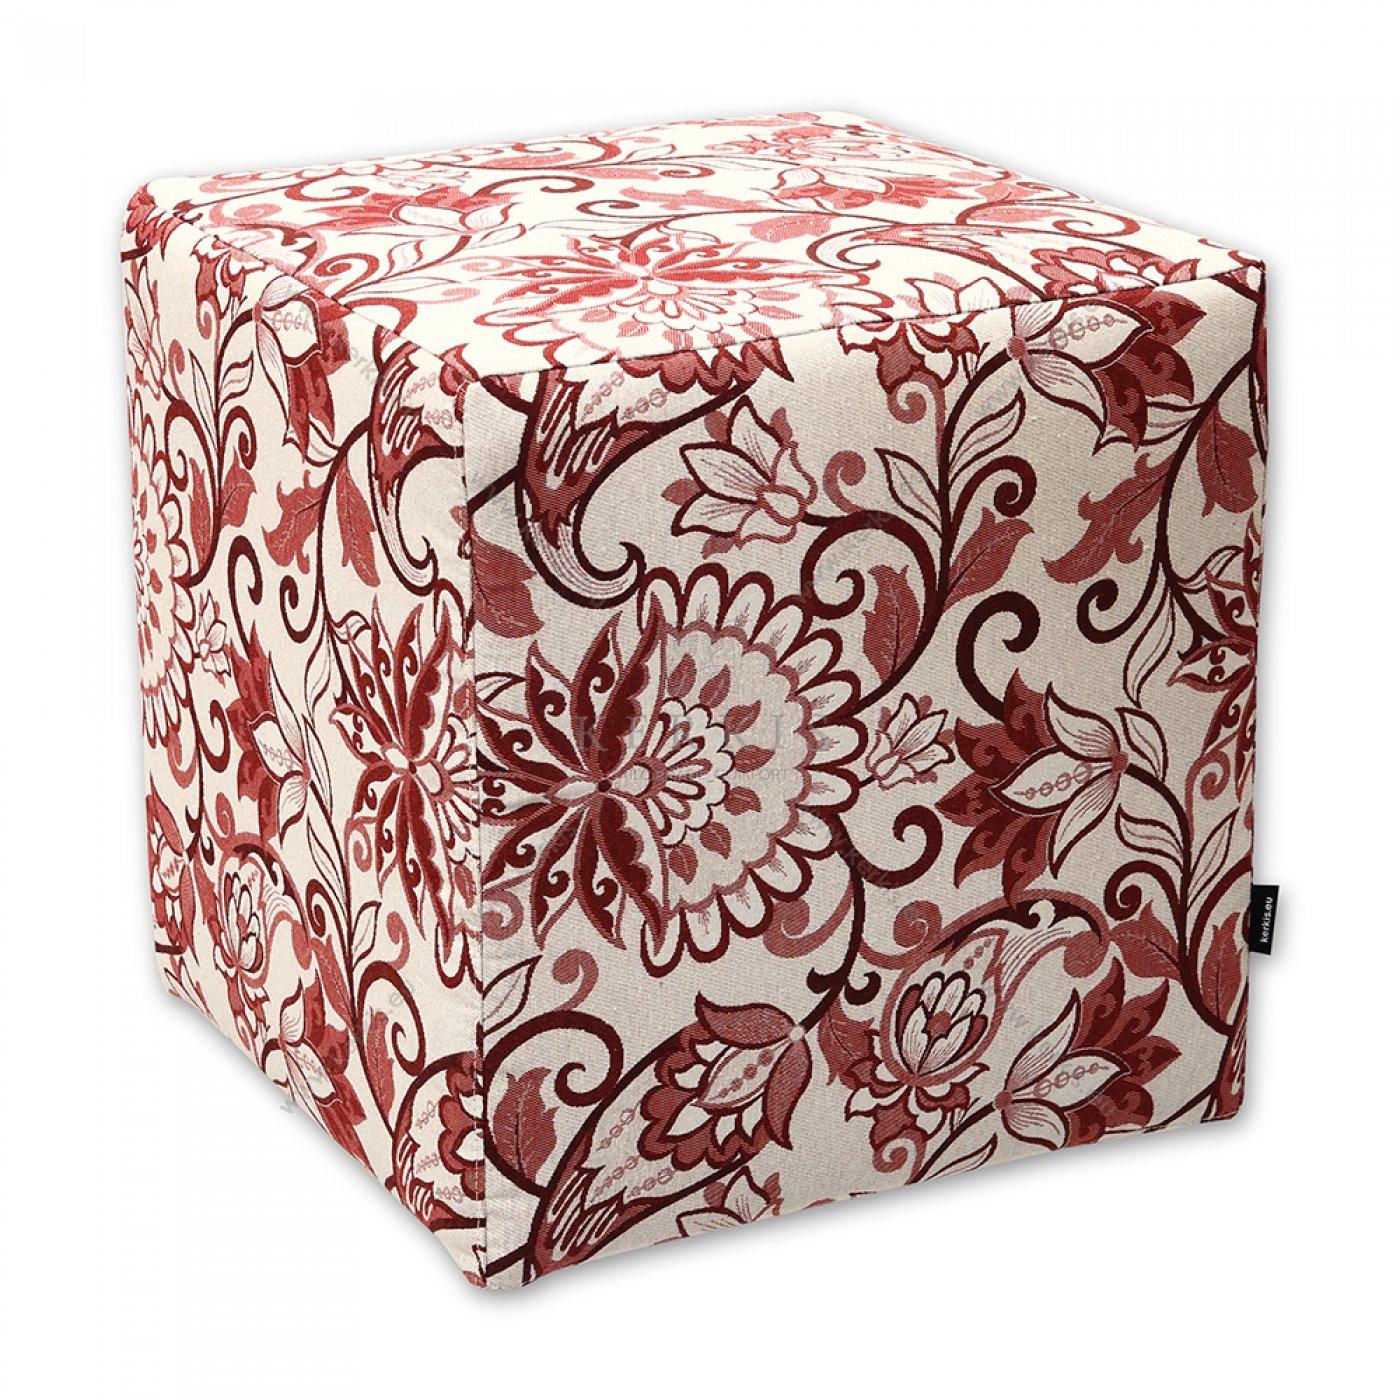 Σκαμπό κύβος κόκκινο φλοράλ, κατασκευασμένος από την Kerkis Tailormade Comfort, με αφαιρούμενο κάλυμμα για ευκολία στο πλύσιμο.